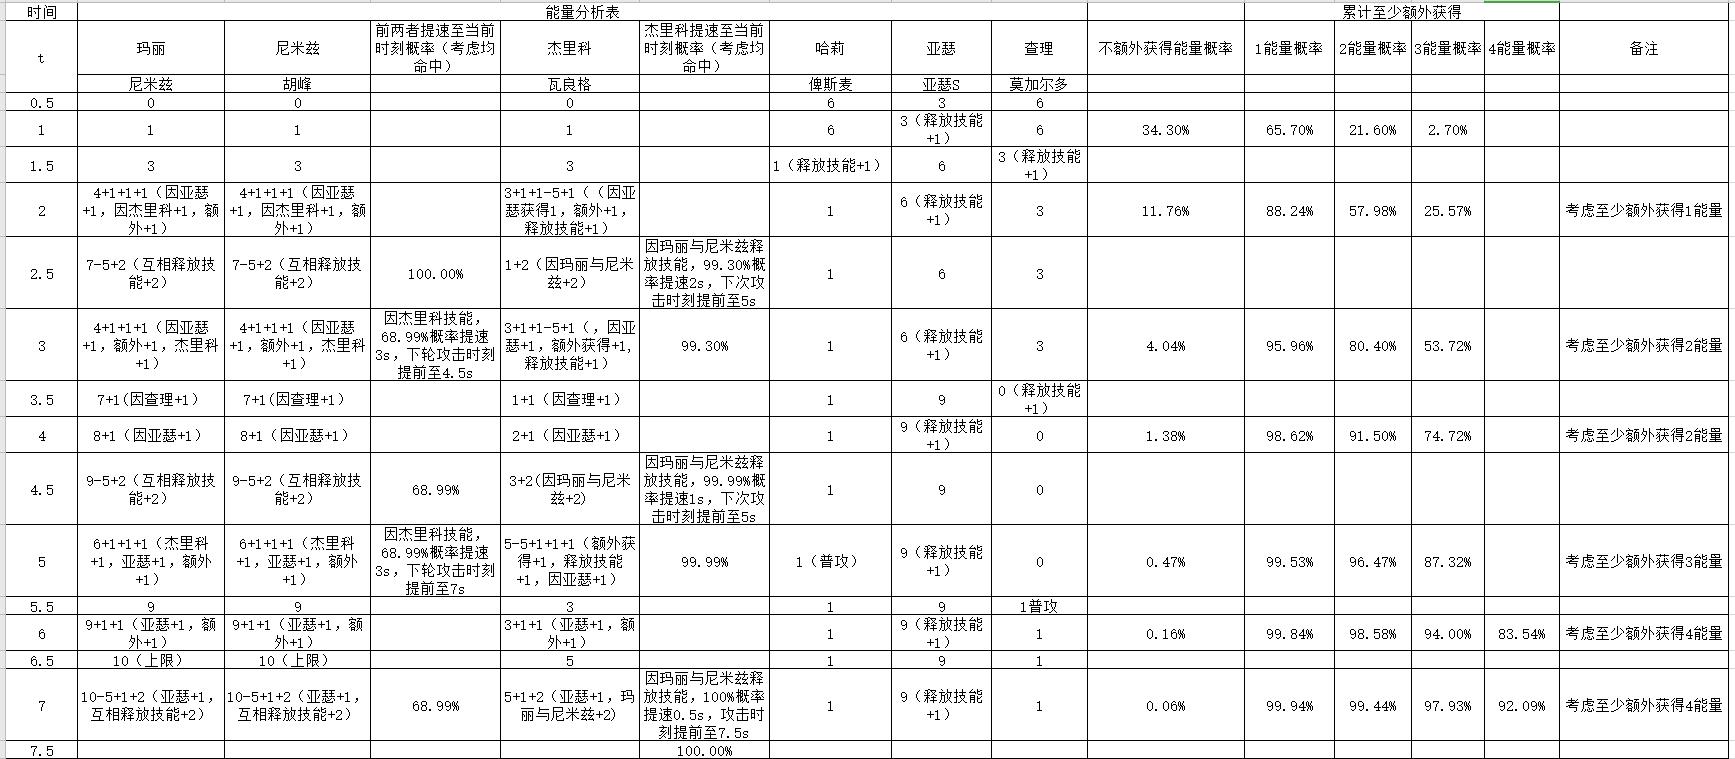 分析表1.png